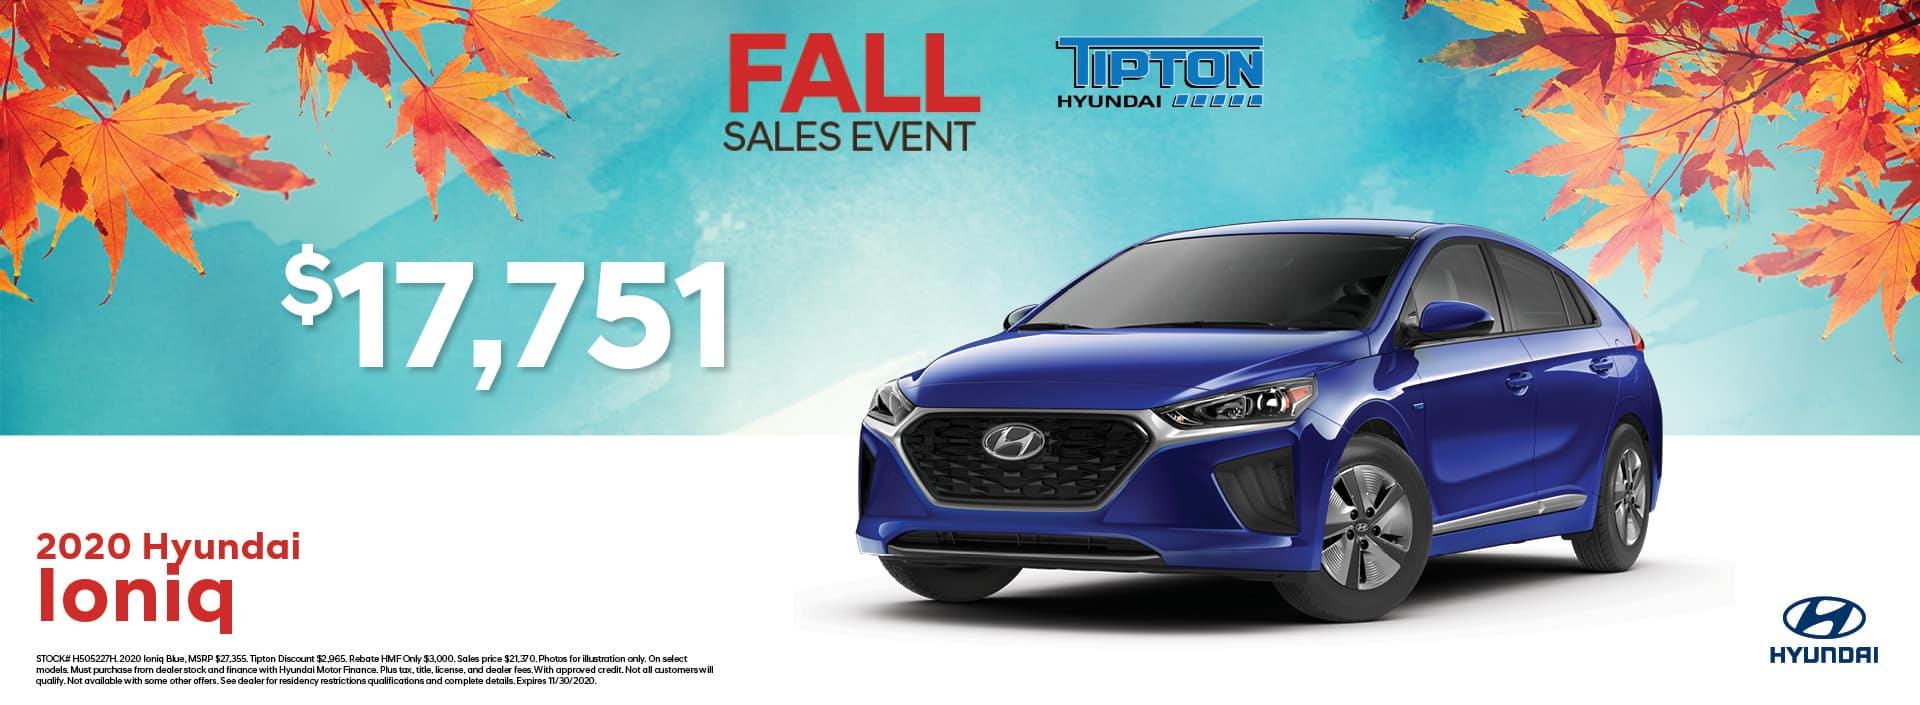 Tipton Hyundai | Hyundai Ioniq | Toronto, ON